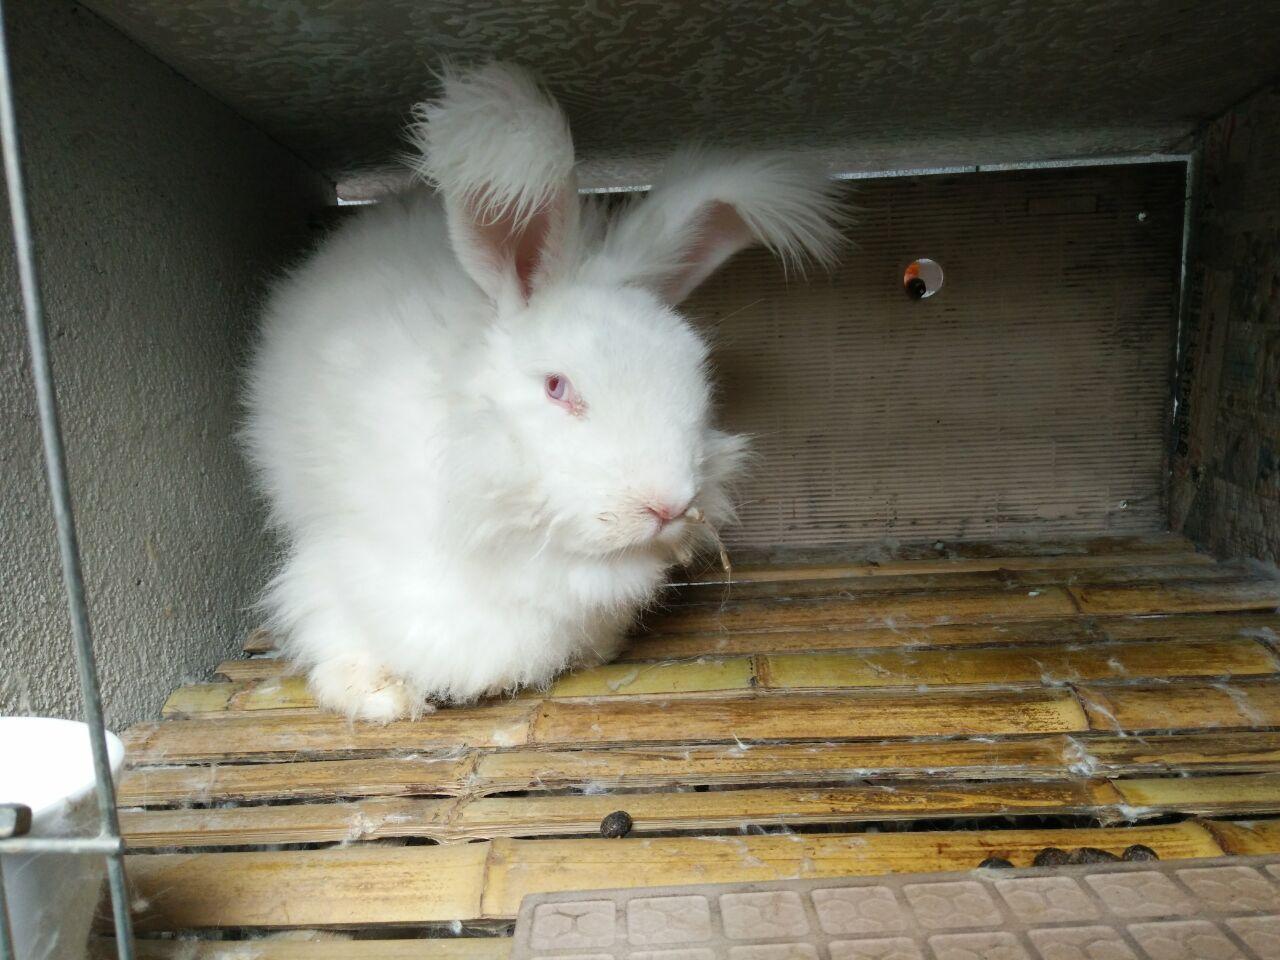 安哥拉兔兔毛价格_承德长毛兔现在价格 长毛兔兔毛价格 哪里有长毛兔养殖场 ...